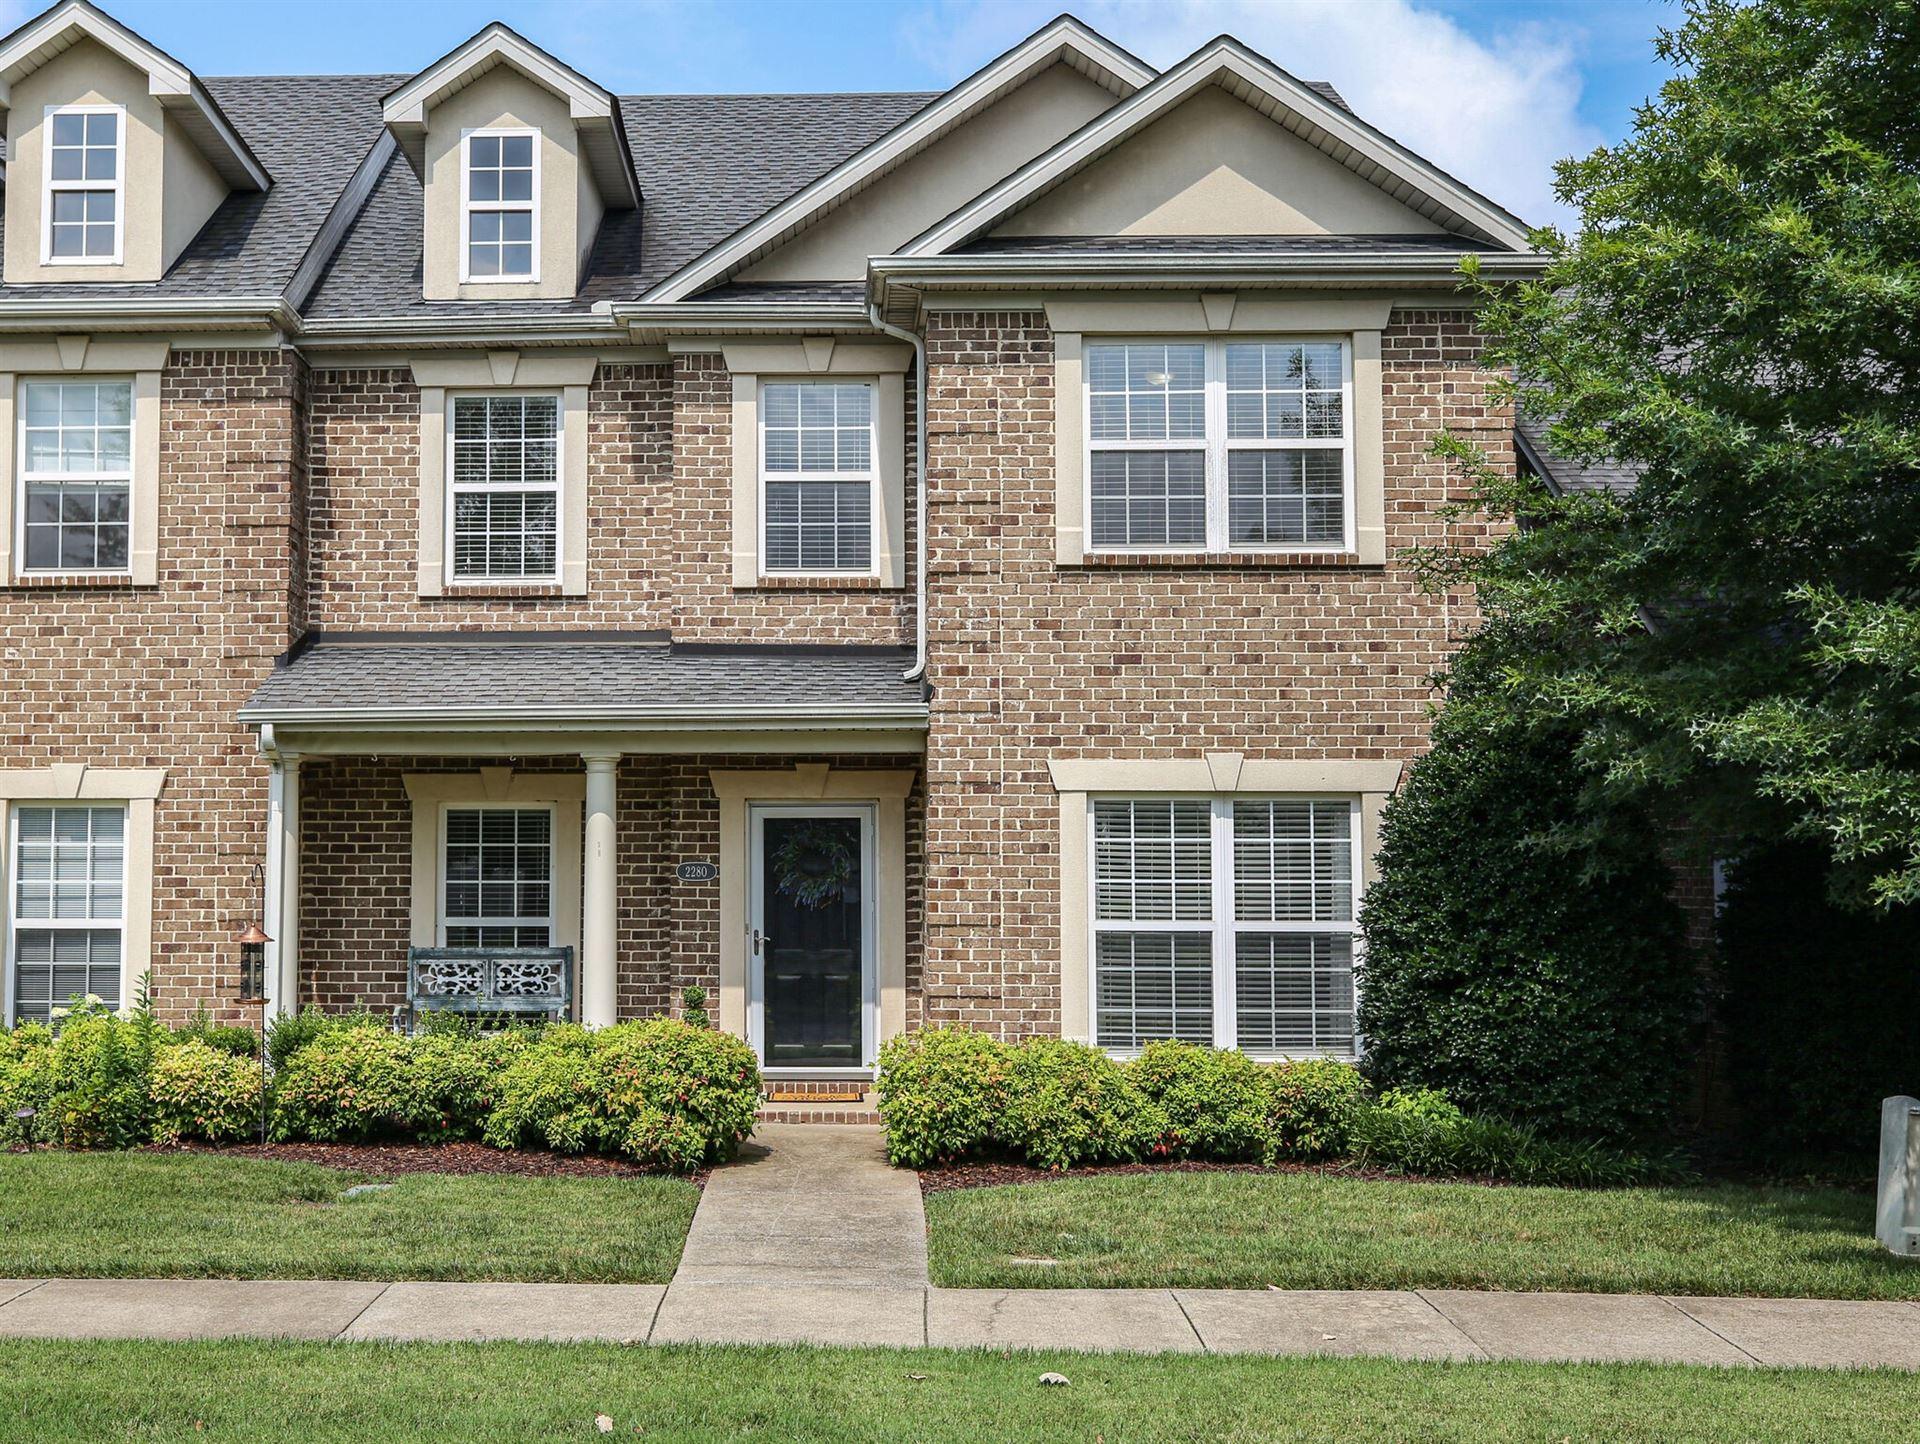 2280 Cason Ln, Murfreesboro, TN 37128 - MLS#: 2277632